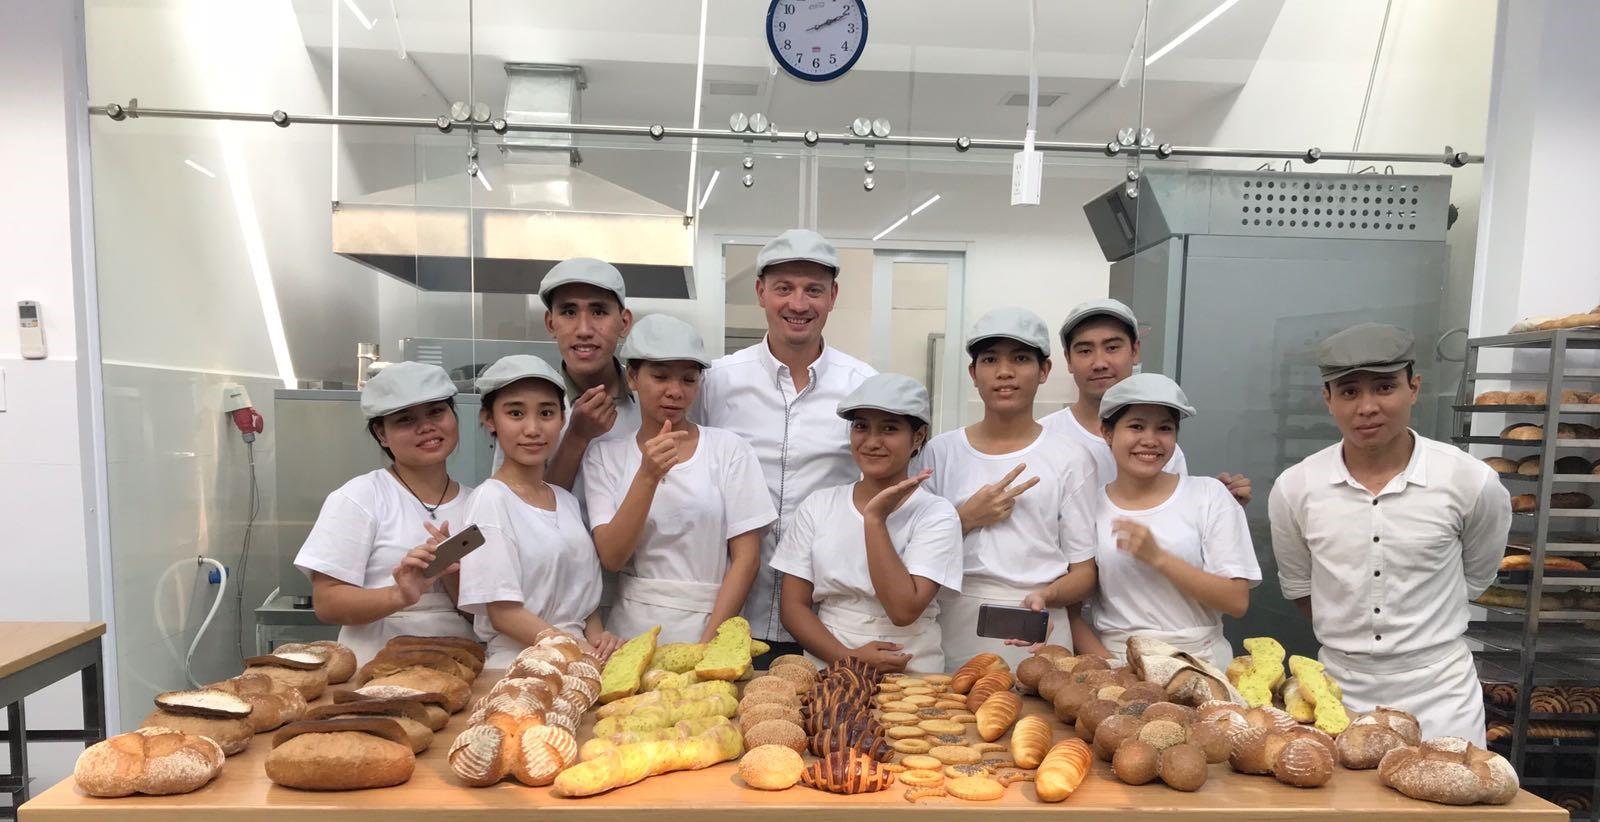 FVI - IECD Boulangerie francaise HCMV - French Bakery HCMC - Lò bánh mì Pháp HCM.jpg